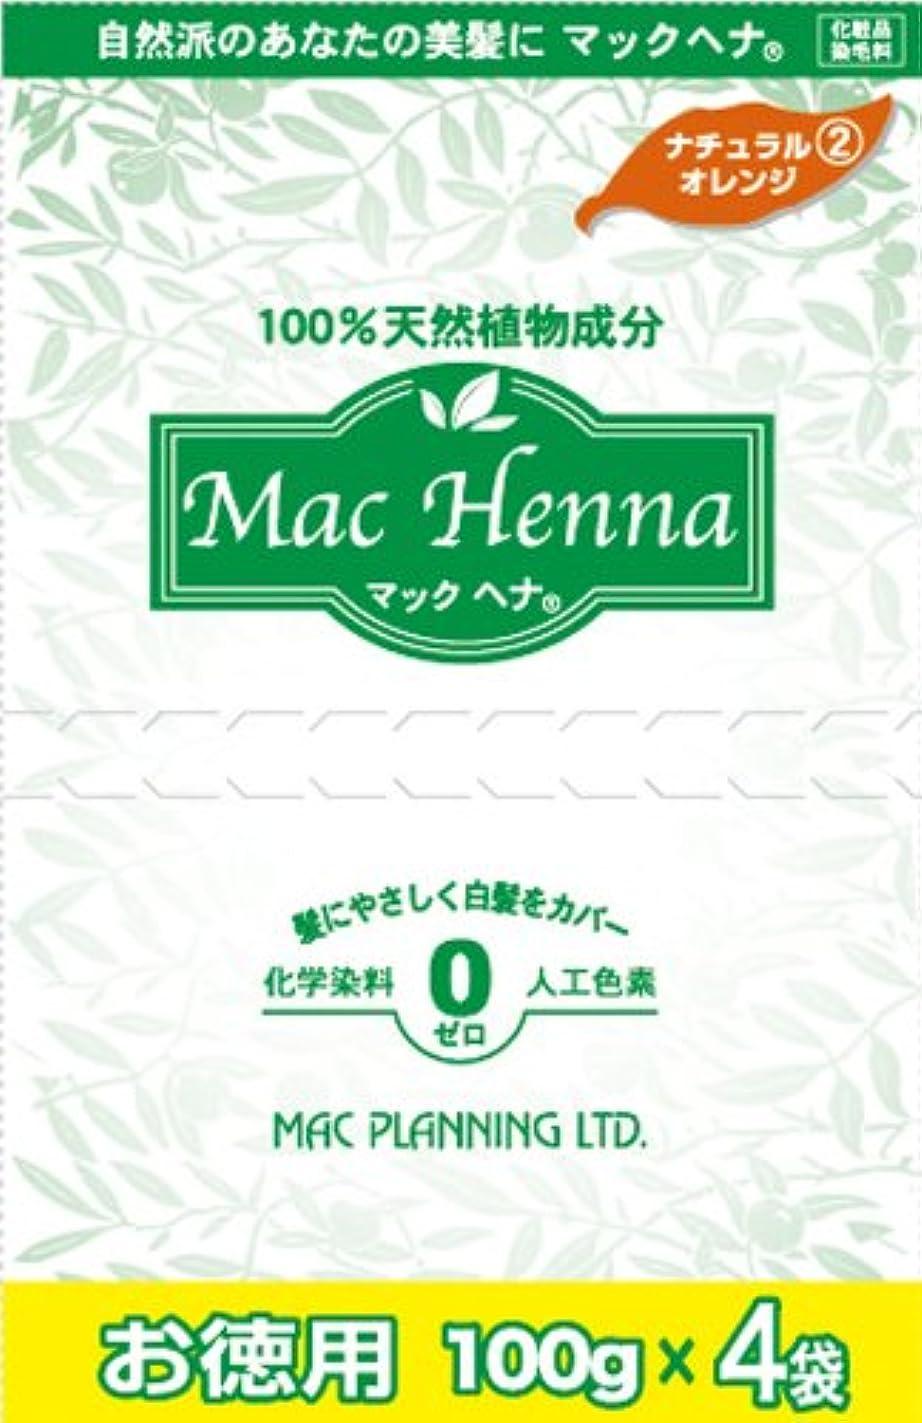 追う規則性風が強い天然植物原料100% 無添加 マックヘナ お徳用(ナチュラルオレンジ)-2  400g(100g×4袋) 3箱セット